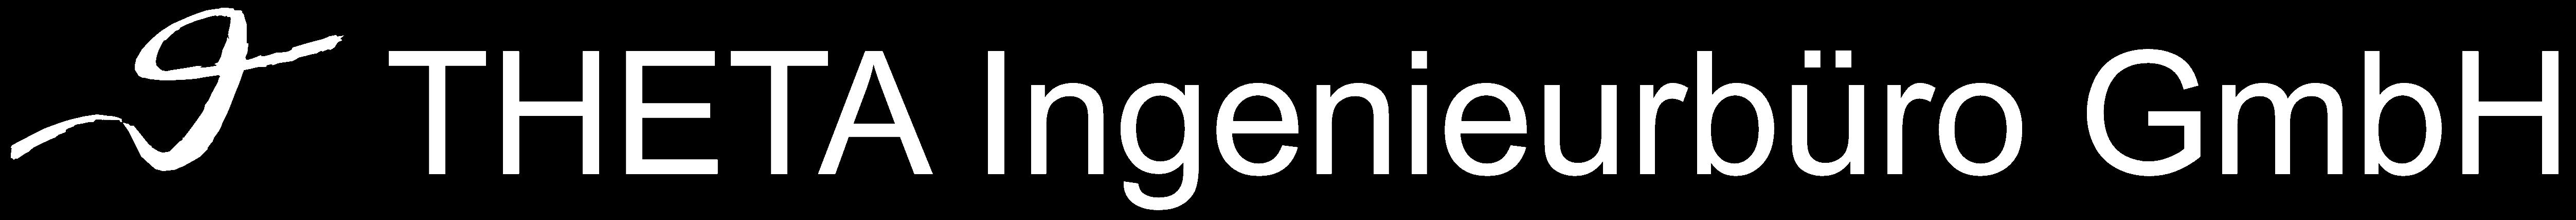 THETA Ingenieurbüro GmbH